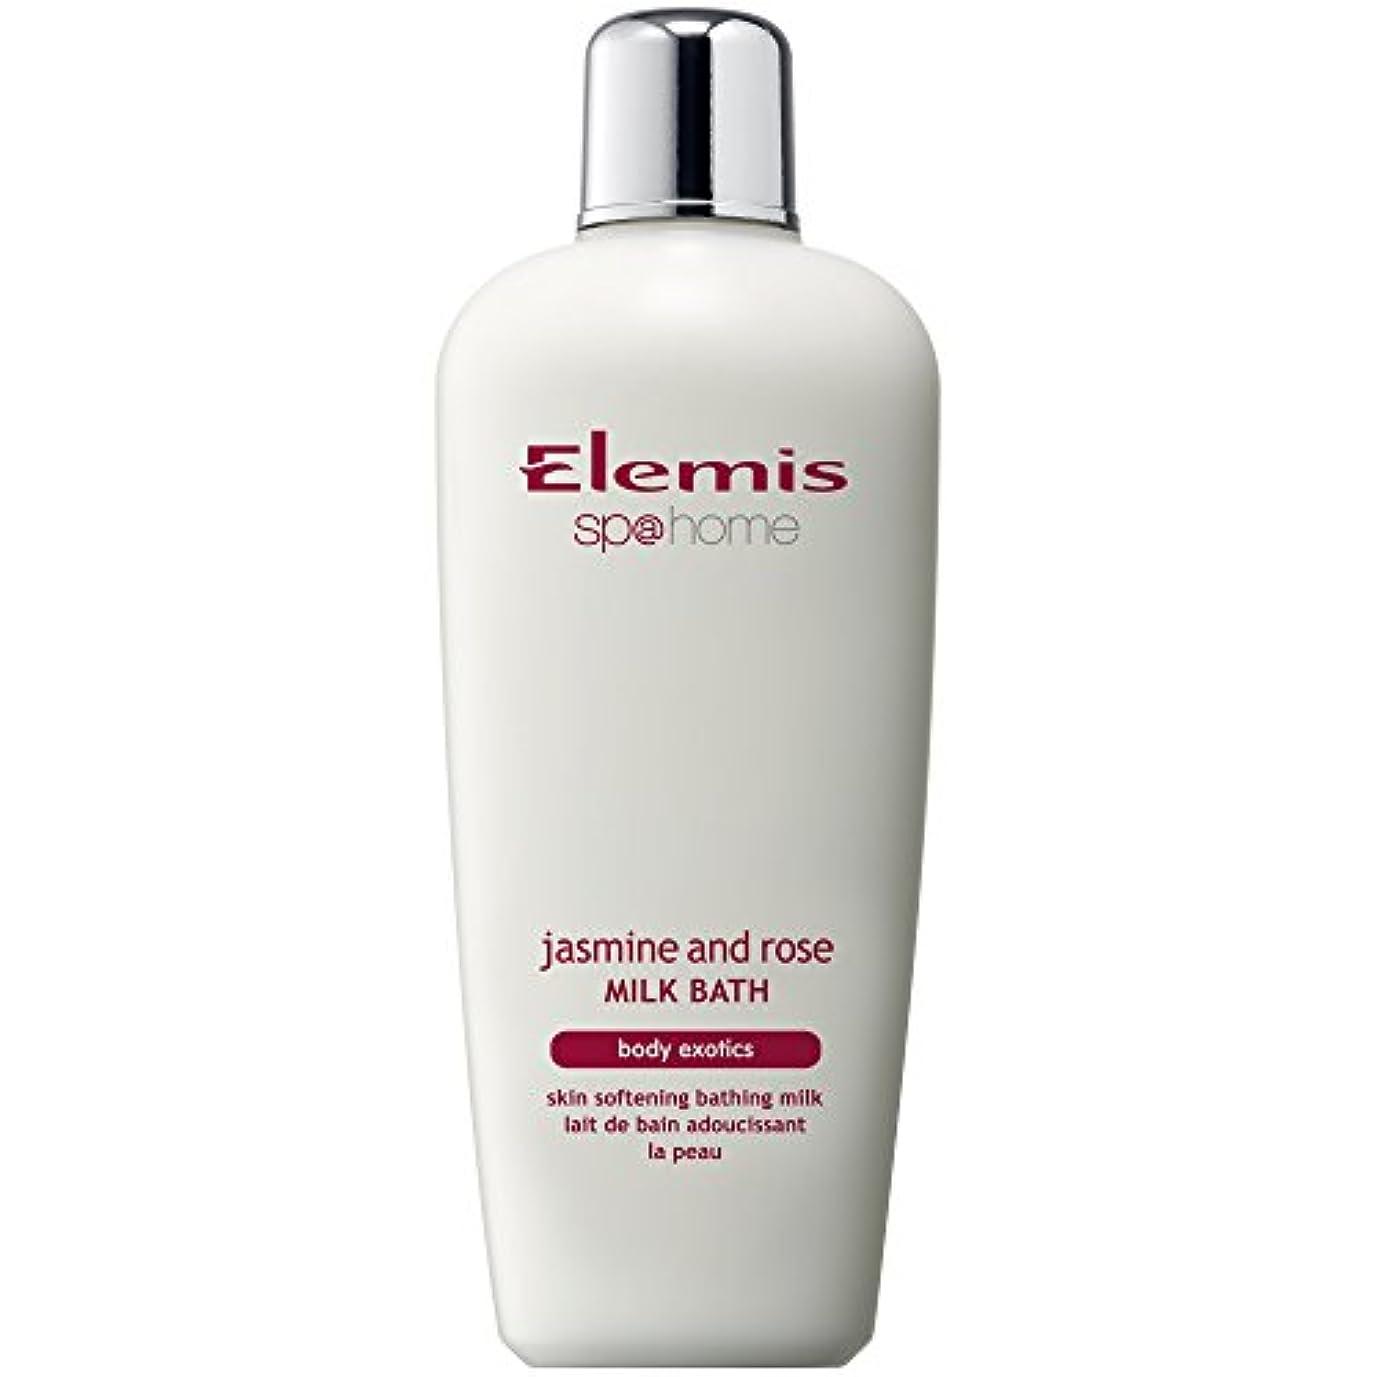 ゼリープレゼント心臓エレミスのジャスミン、ローズミルクバスの400ミリリットル (Elemis) - Elemis Jasmine And Rose Milk Bath 400ml [並行輸入品]